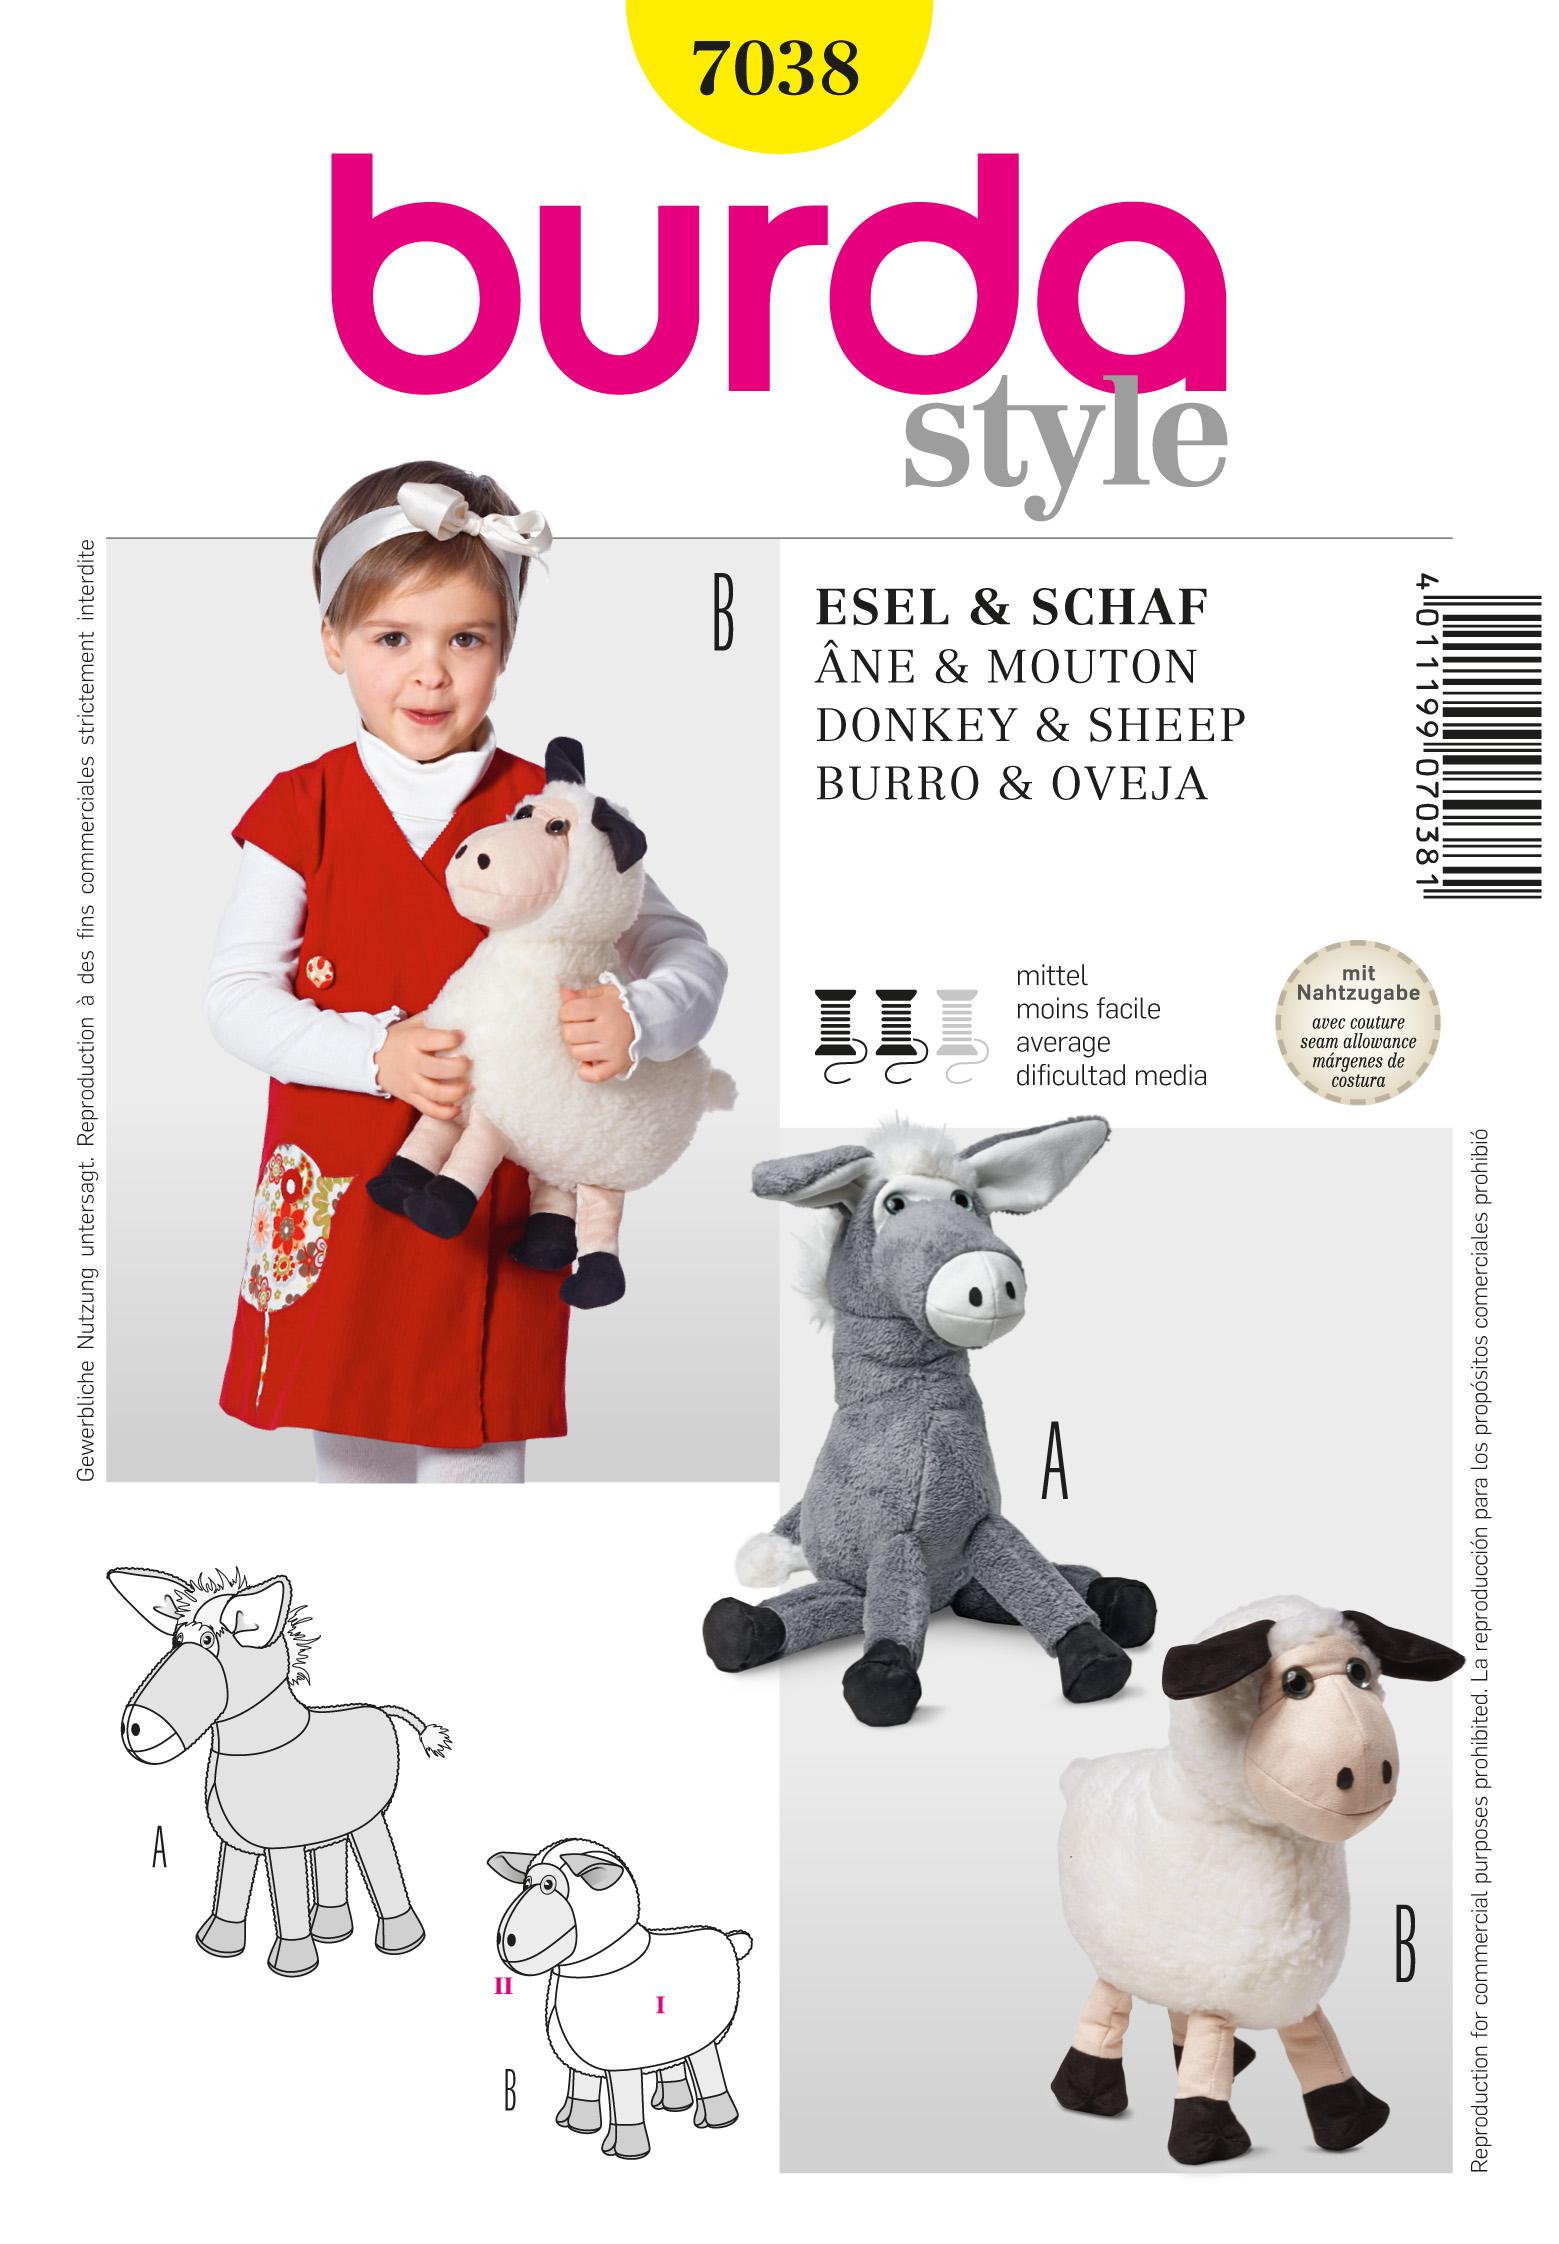 Burda Cuddly Toy  7038